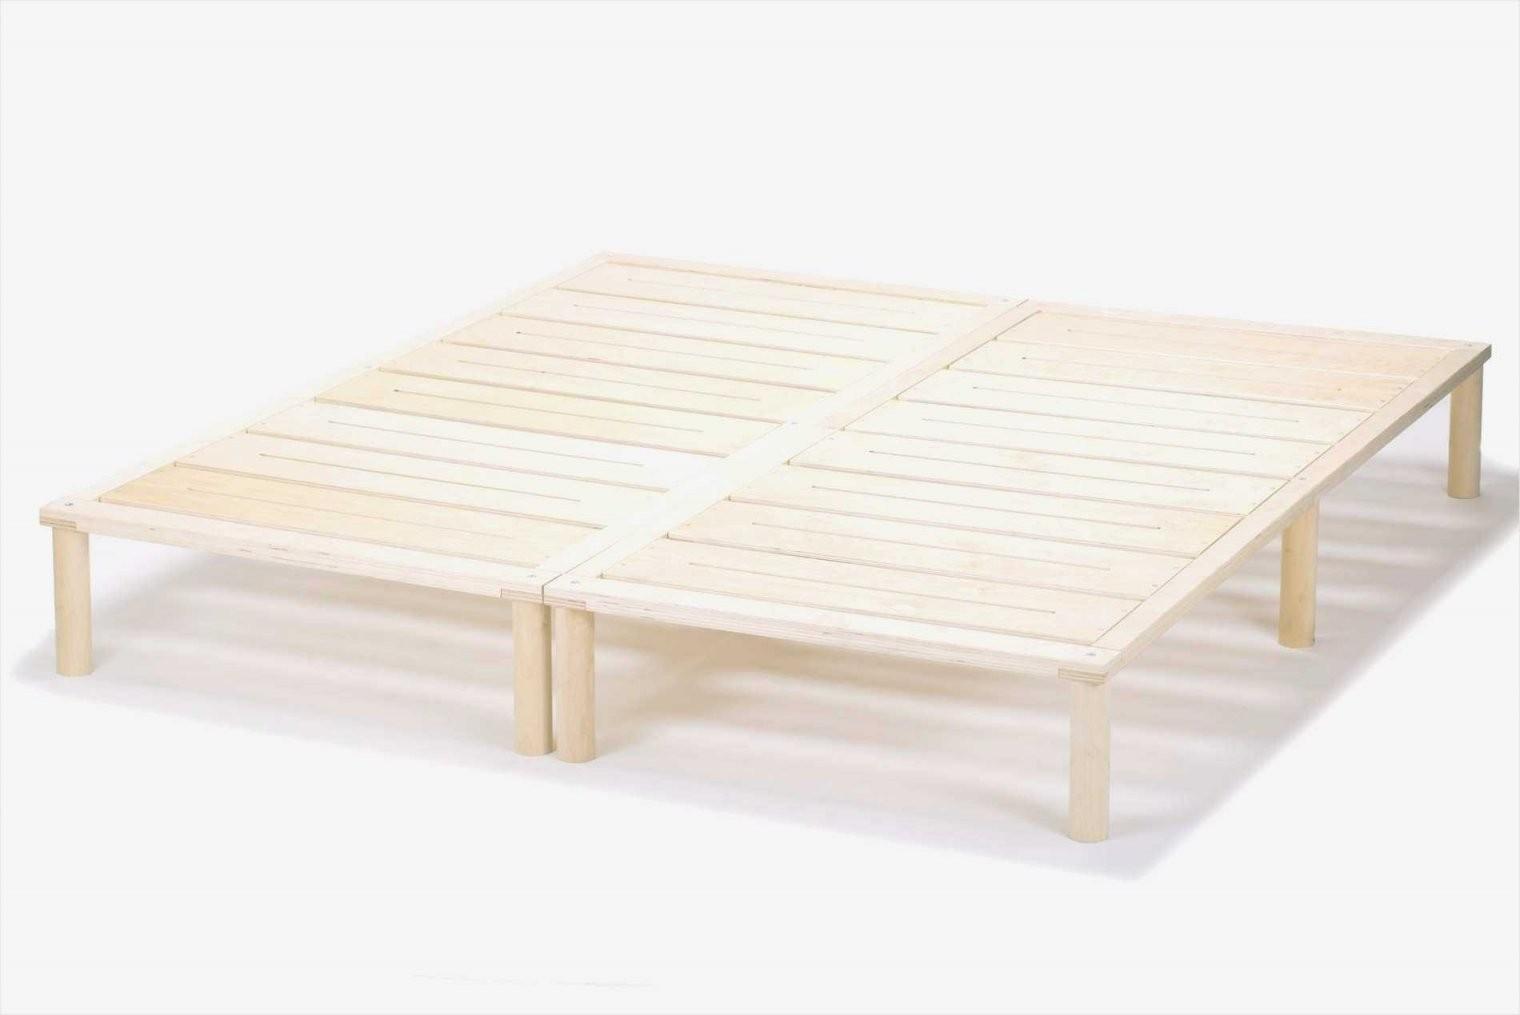 65 Luxus Bett Selber Machen Für Ideen Gartenlounge Selber Bauen von Bett Ideen Selber Machen Bild